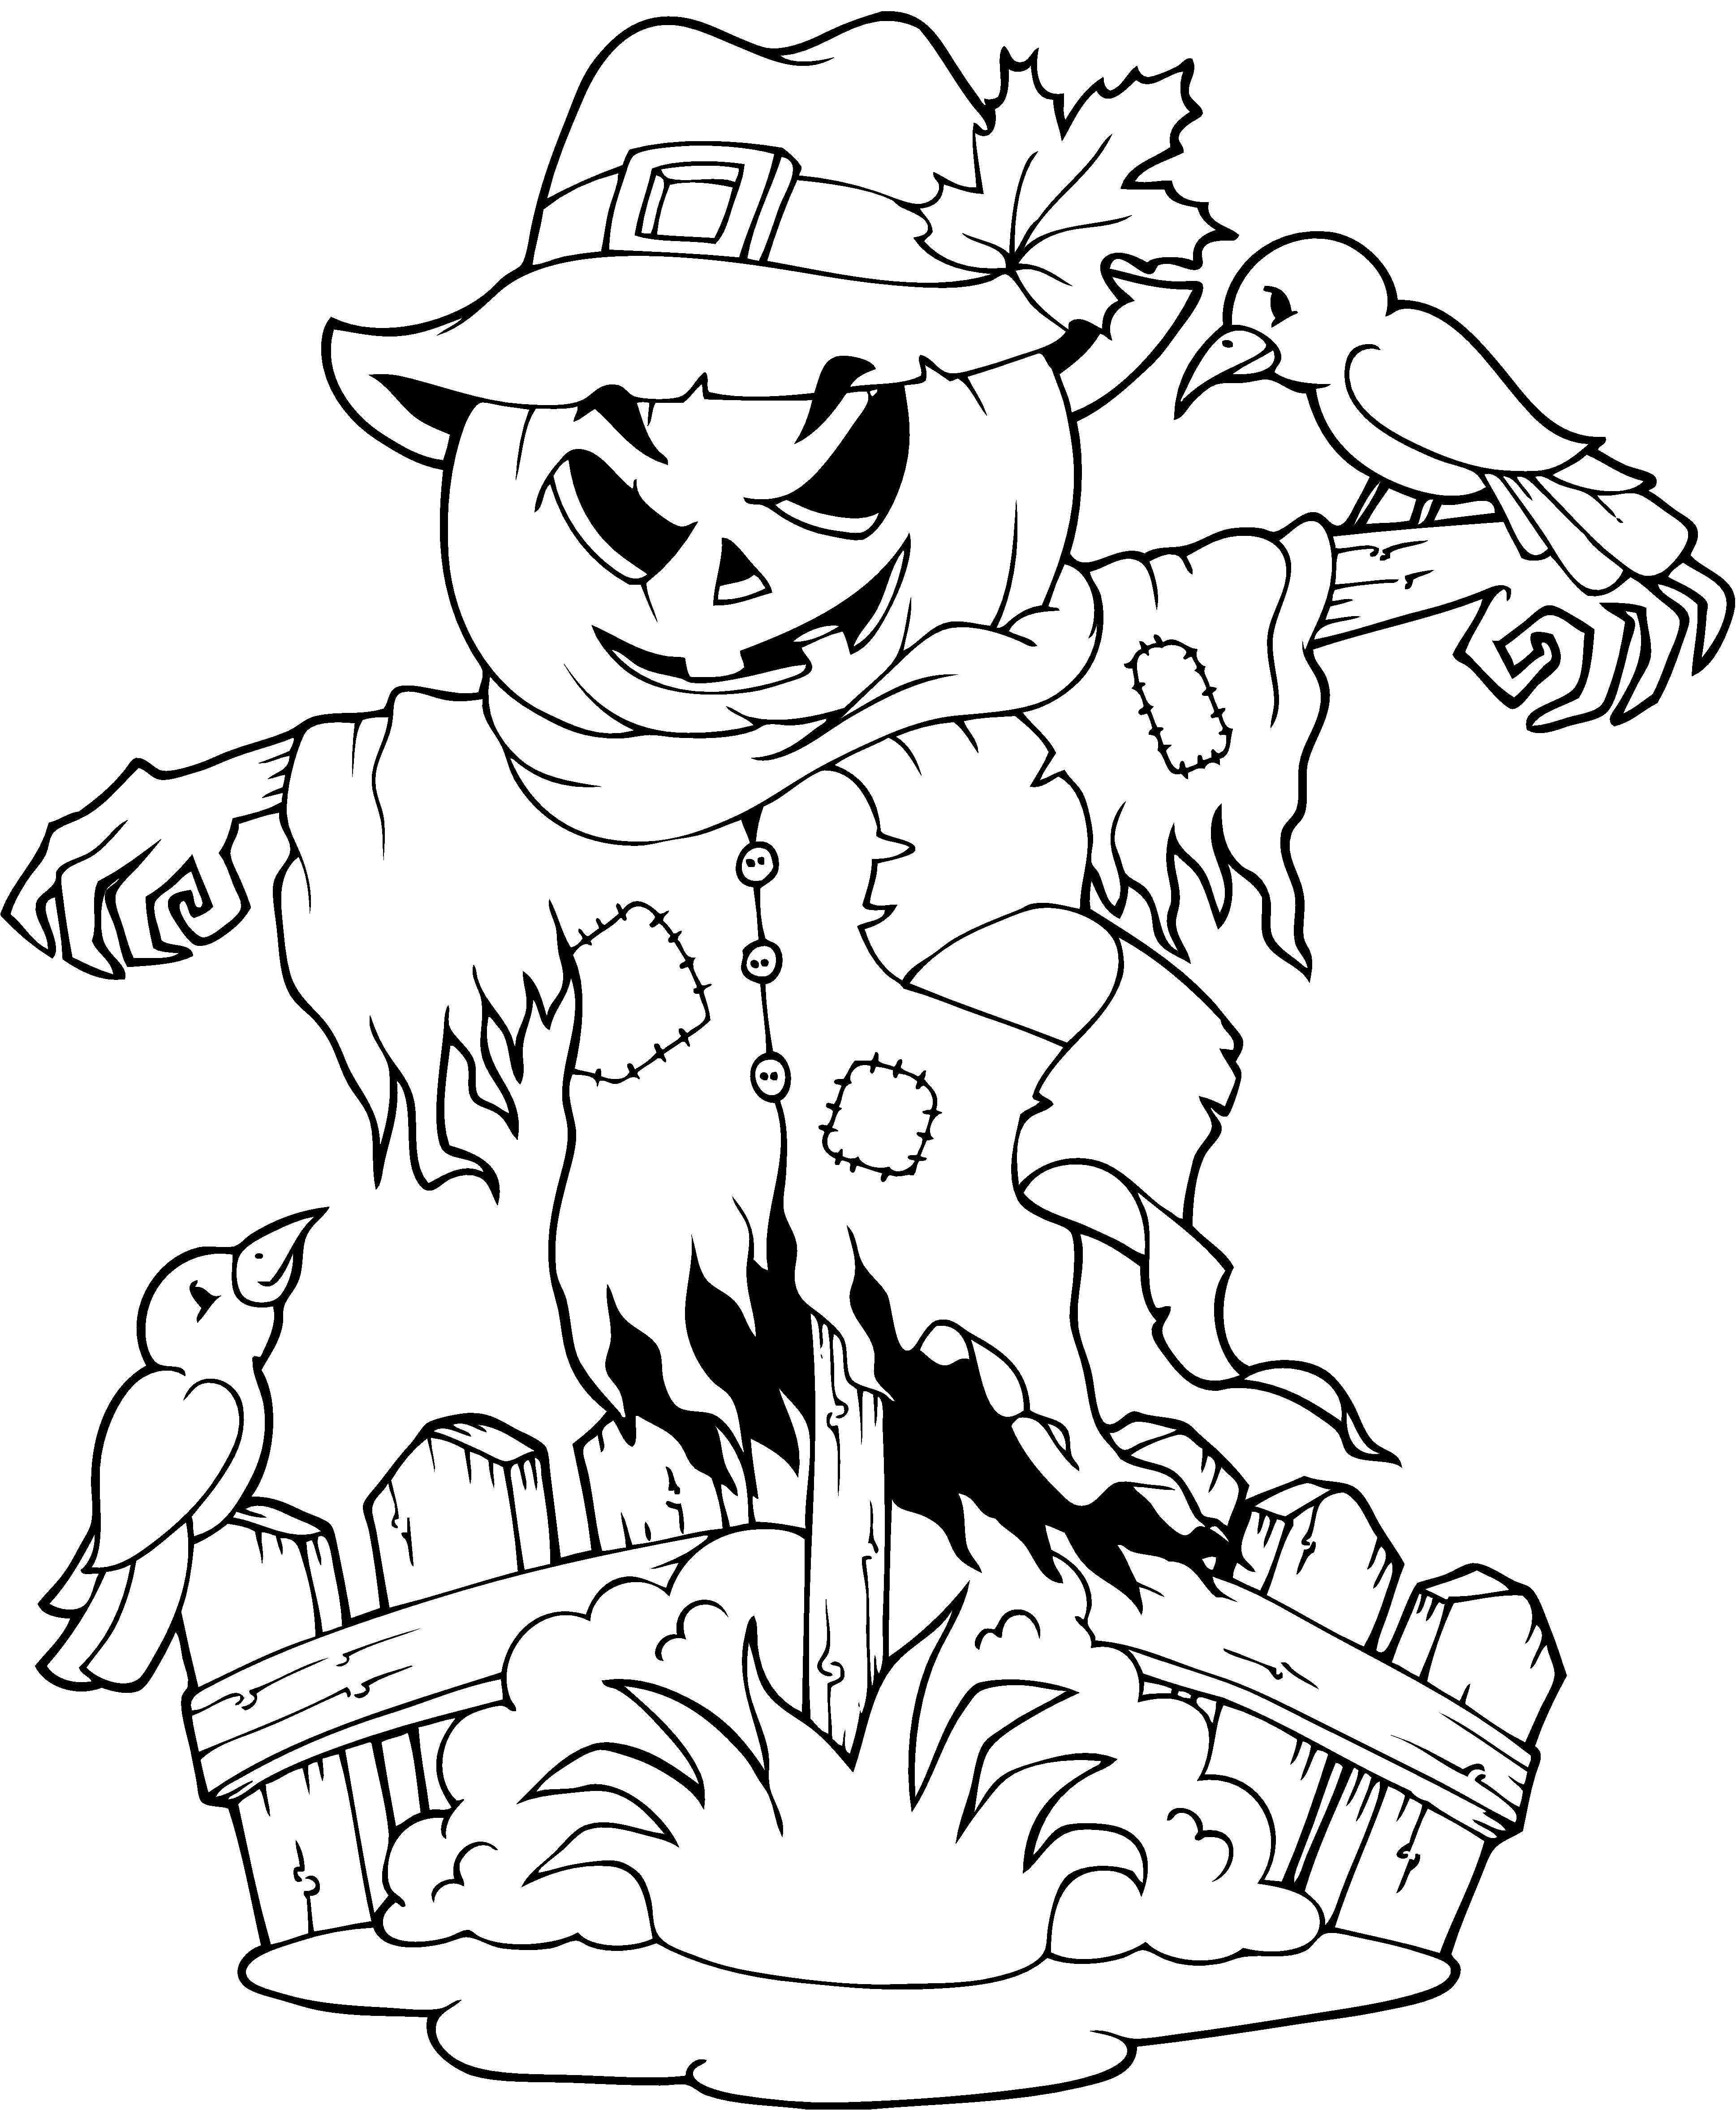 Een Leuke Kleurplaat Voor Halloween Kijk Op De Surfsleutel Voor De Printversie Halloween Vogelverschrikker Halloween Tekeningen Vogelverschrikker